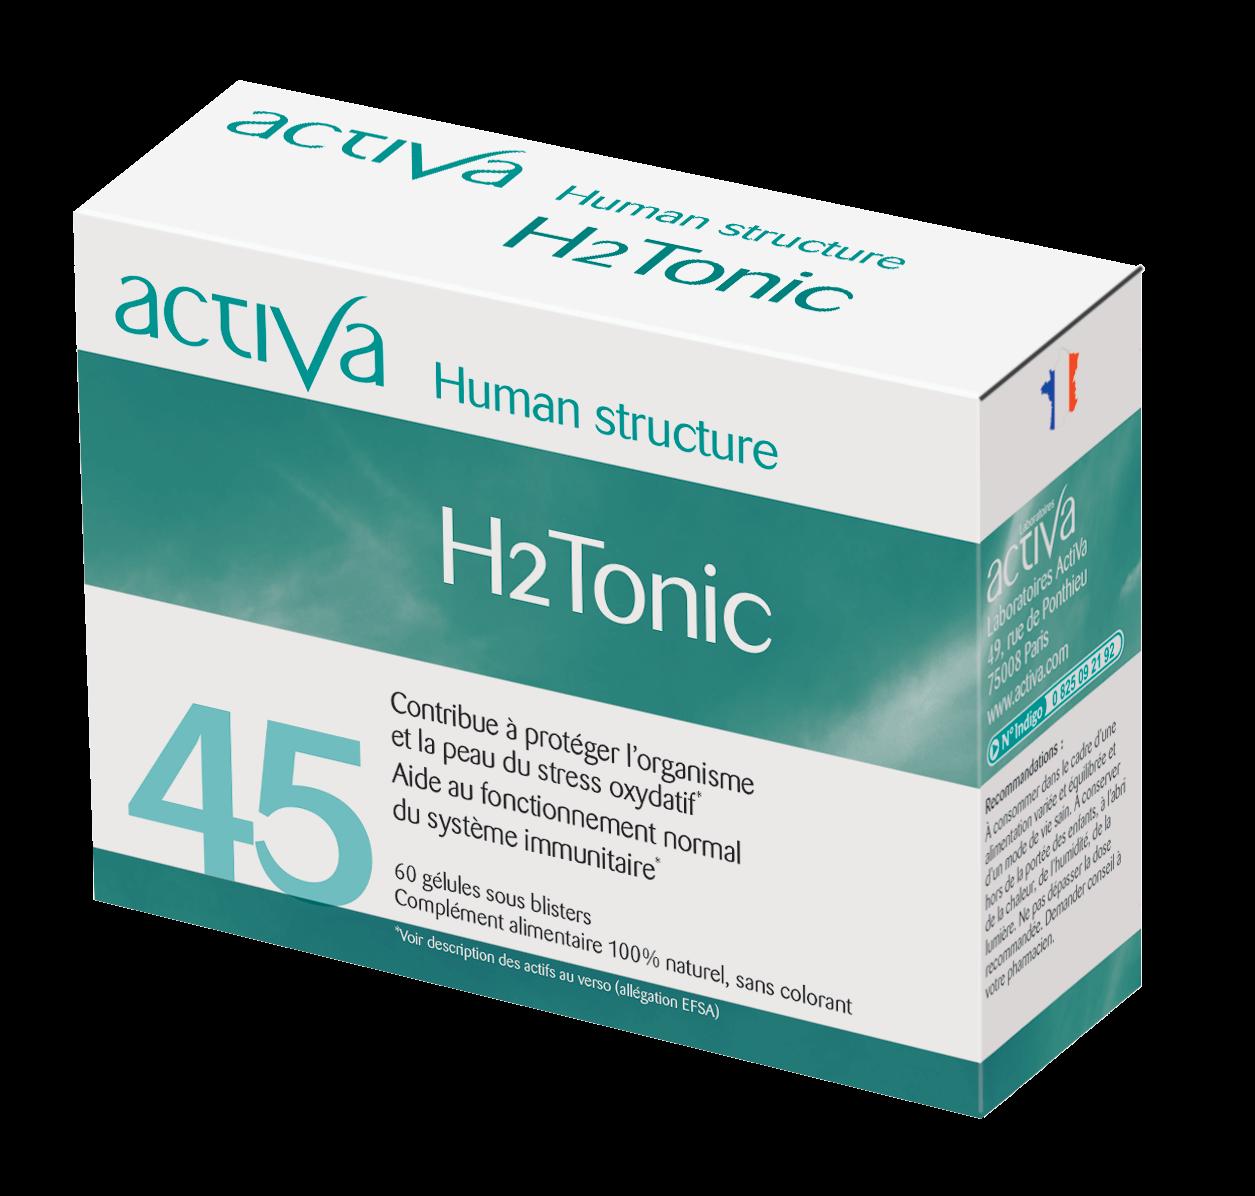 H2 Tonic